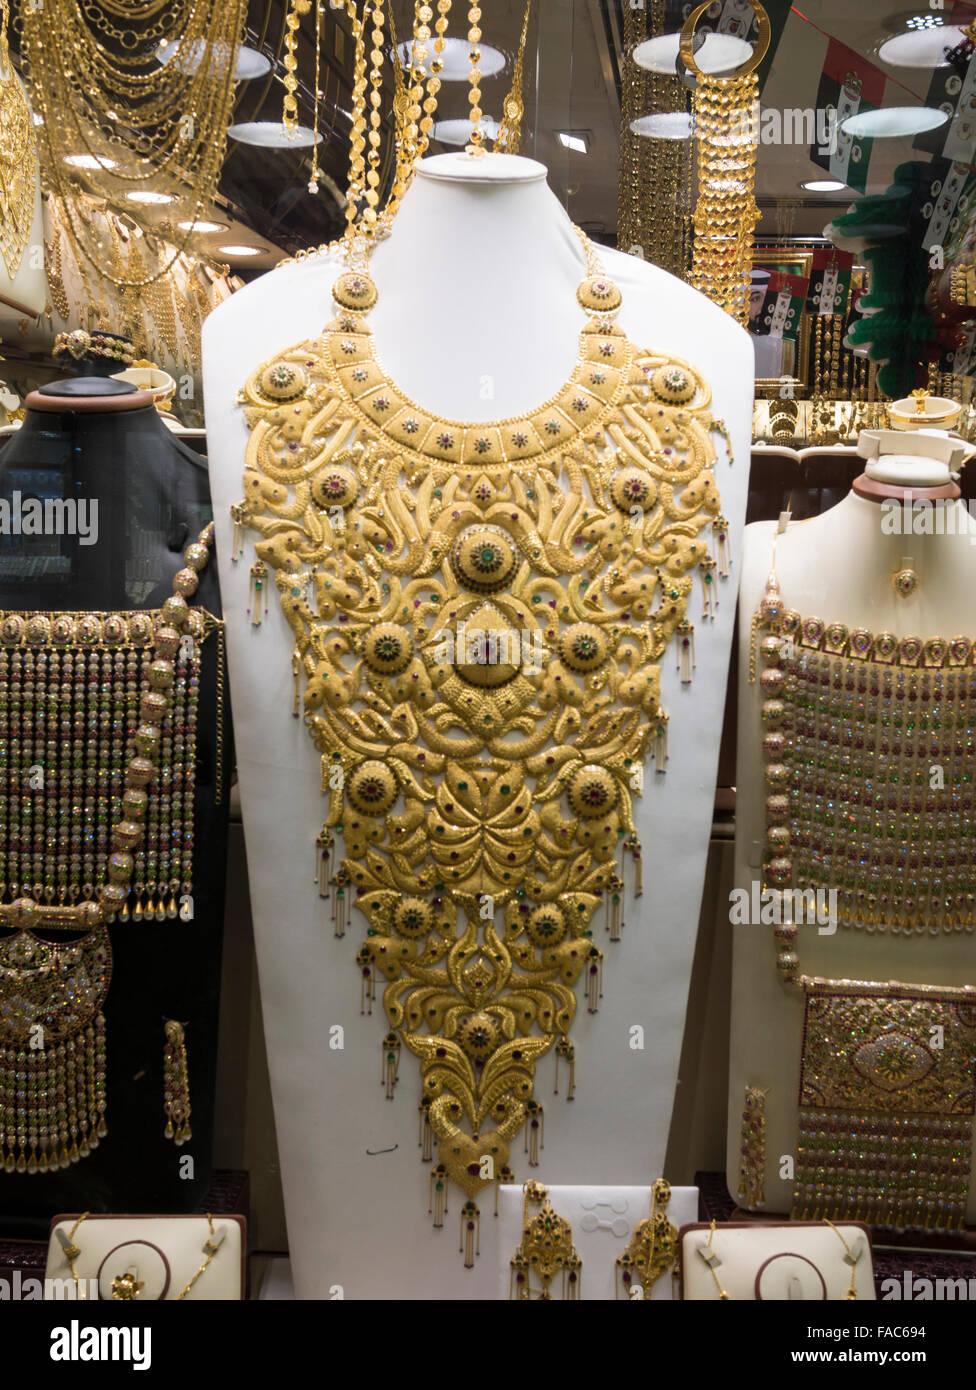 Gold Necklace Dubai Stock Photos & Gold Necklace Dubai Stock ...